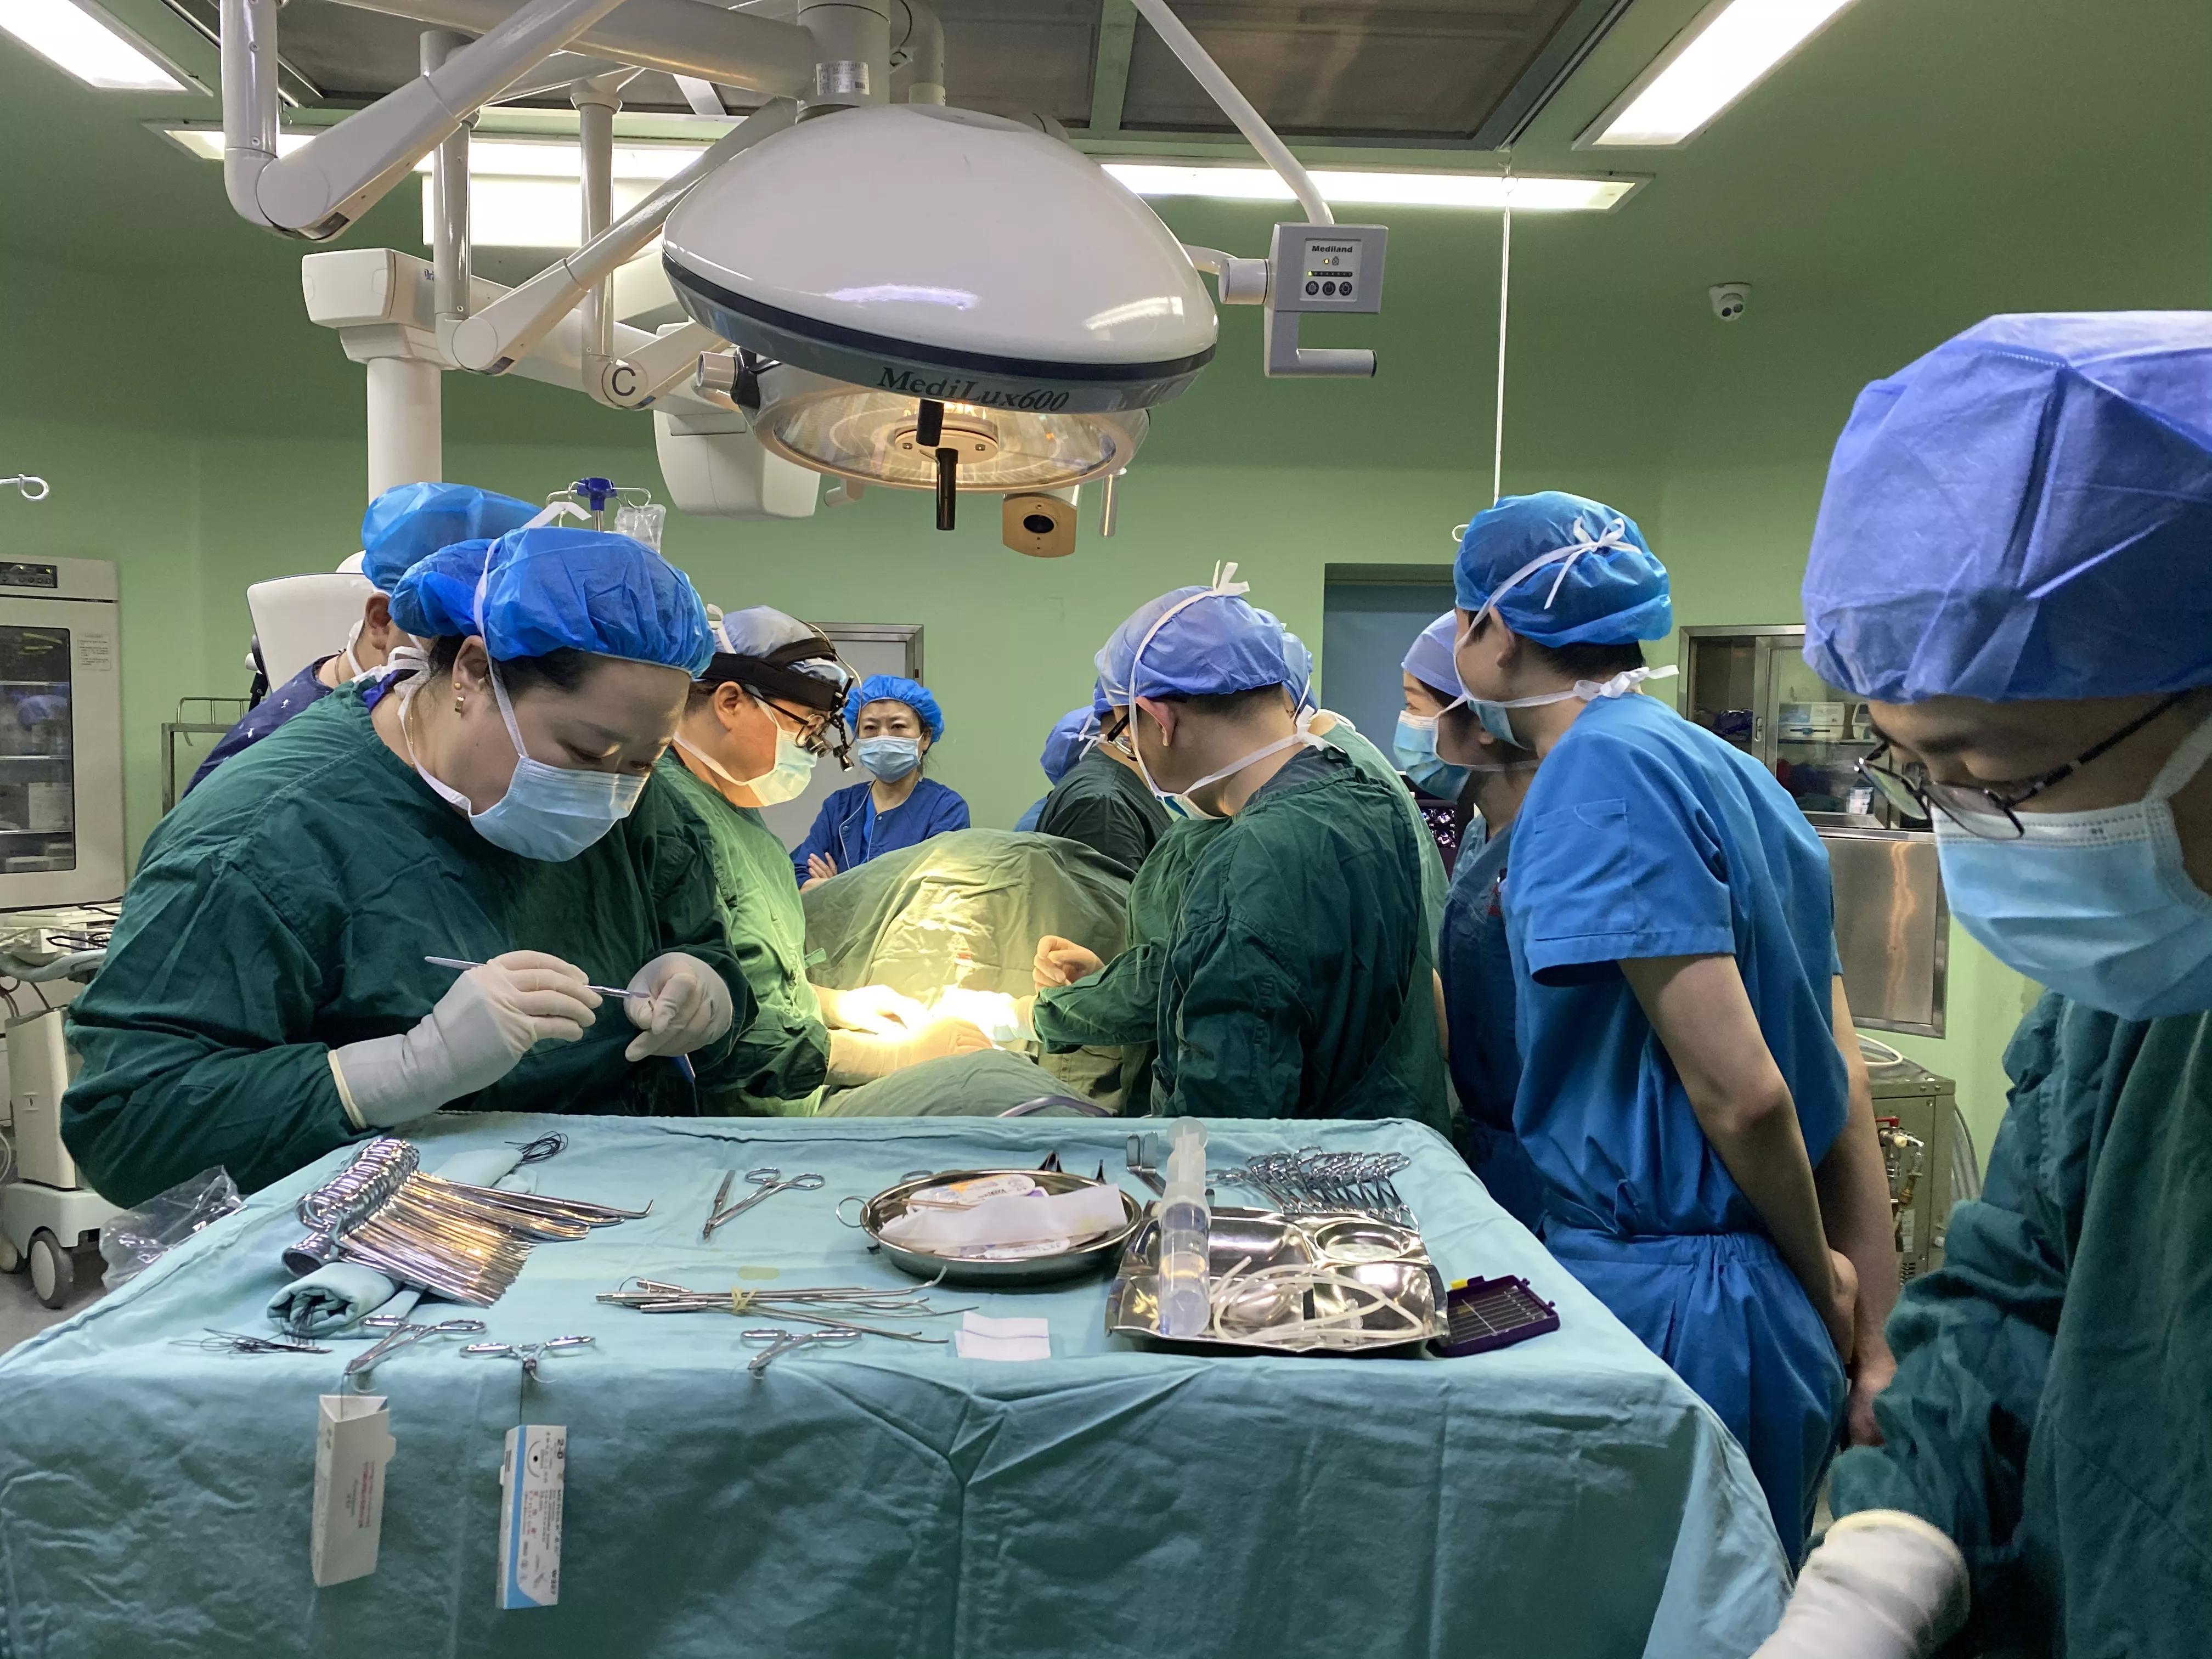 全国首例!北京儿童医院与哈尔滨市儿童医院专家团队同台完成国内首次微创右侧小切口完全性心内膜垫矫治手术